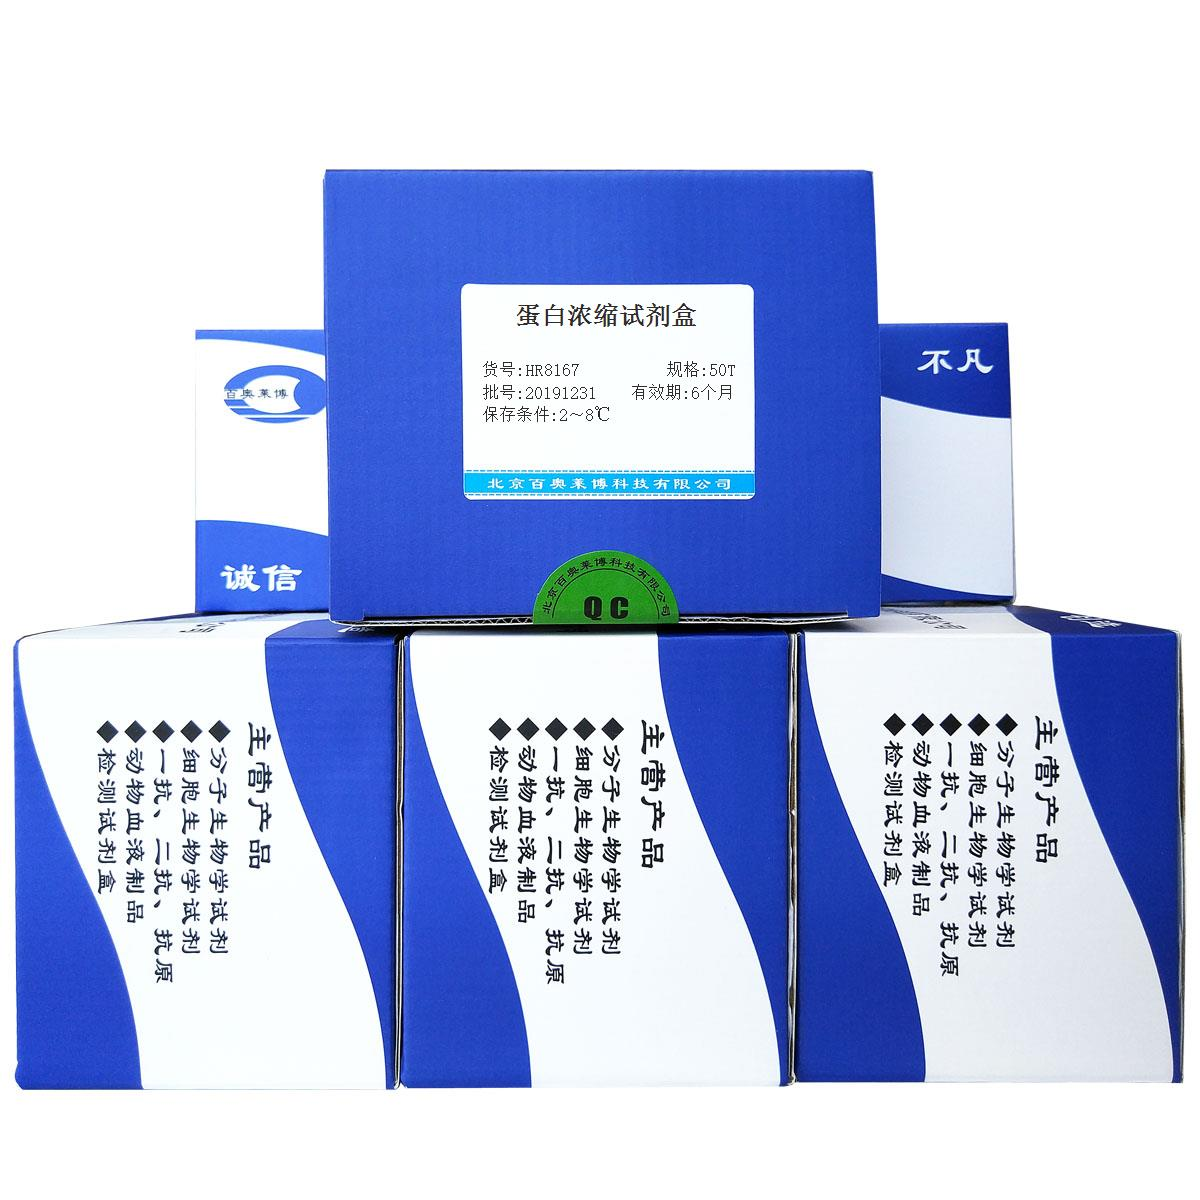 蛋白浓缩试剂盒优惠促销